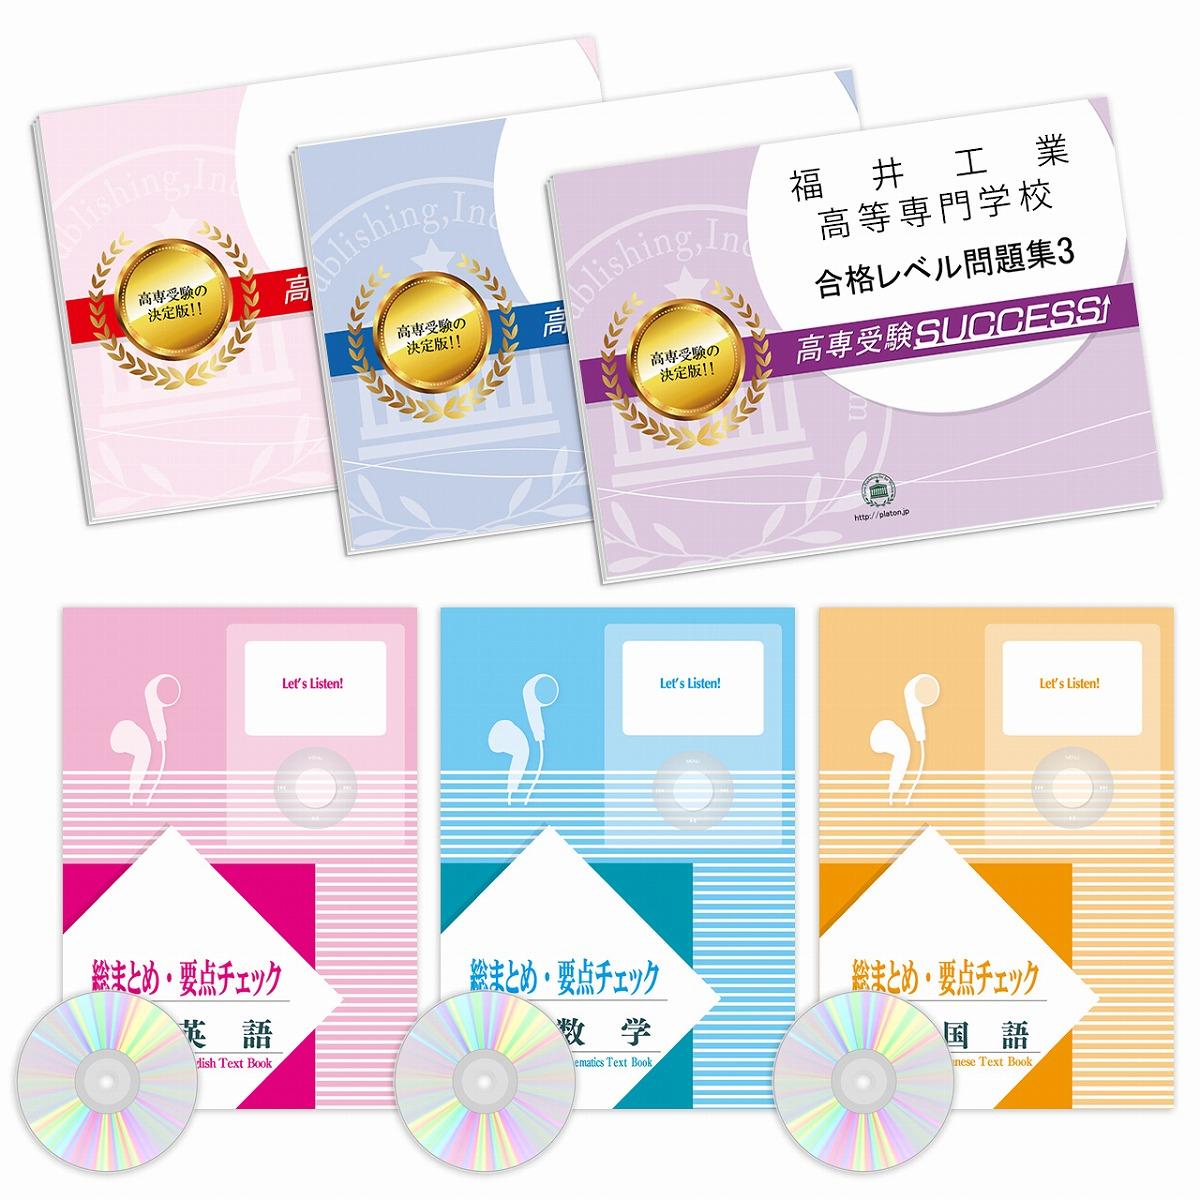 【送料・代引手数料無料】福井工業高等専門学校受験合格セット(6冊)